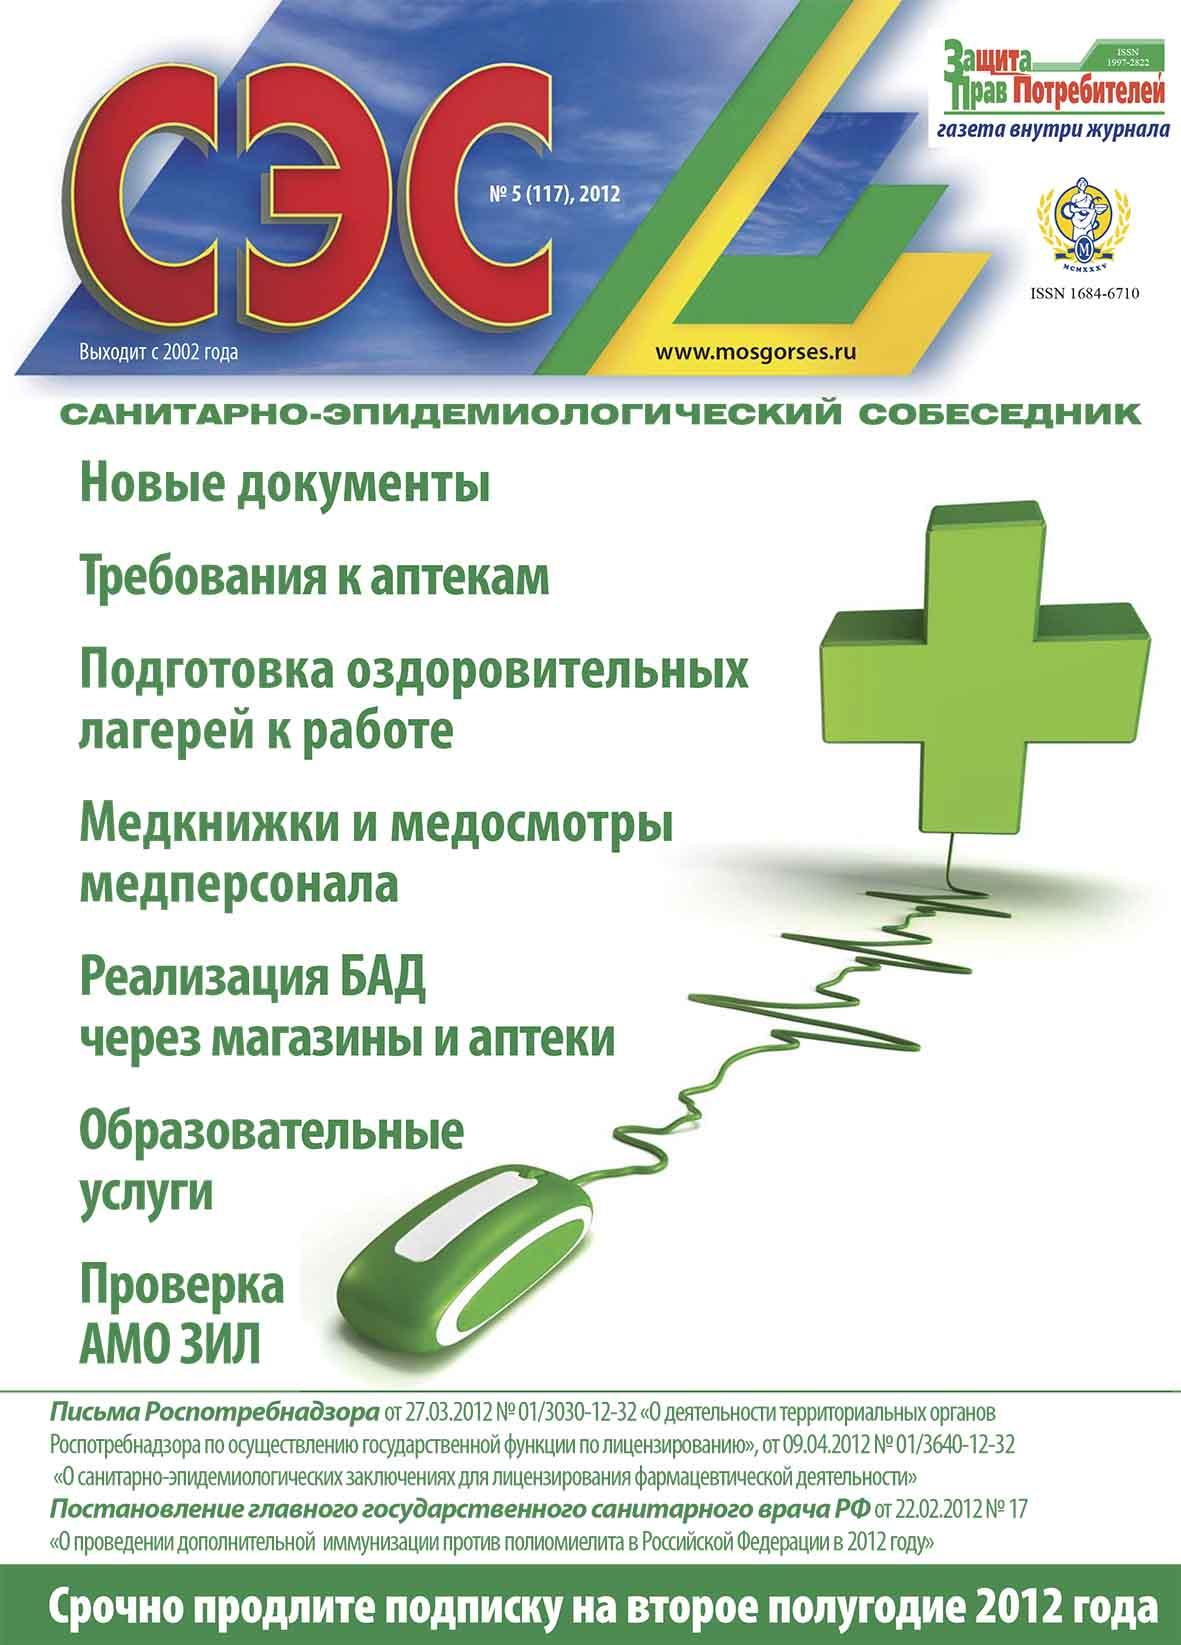 Журнал СЭС №5 2012 год